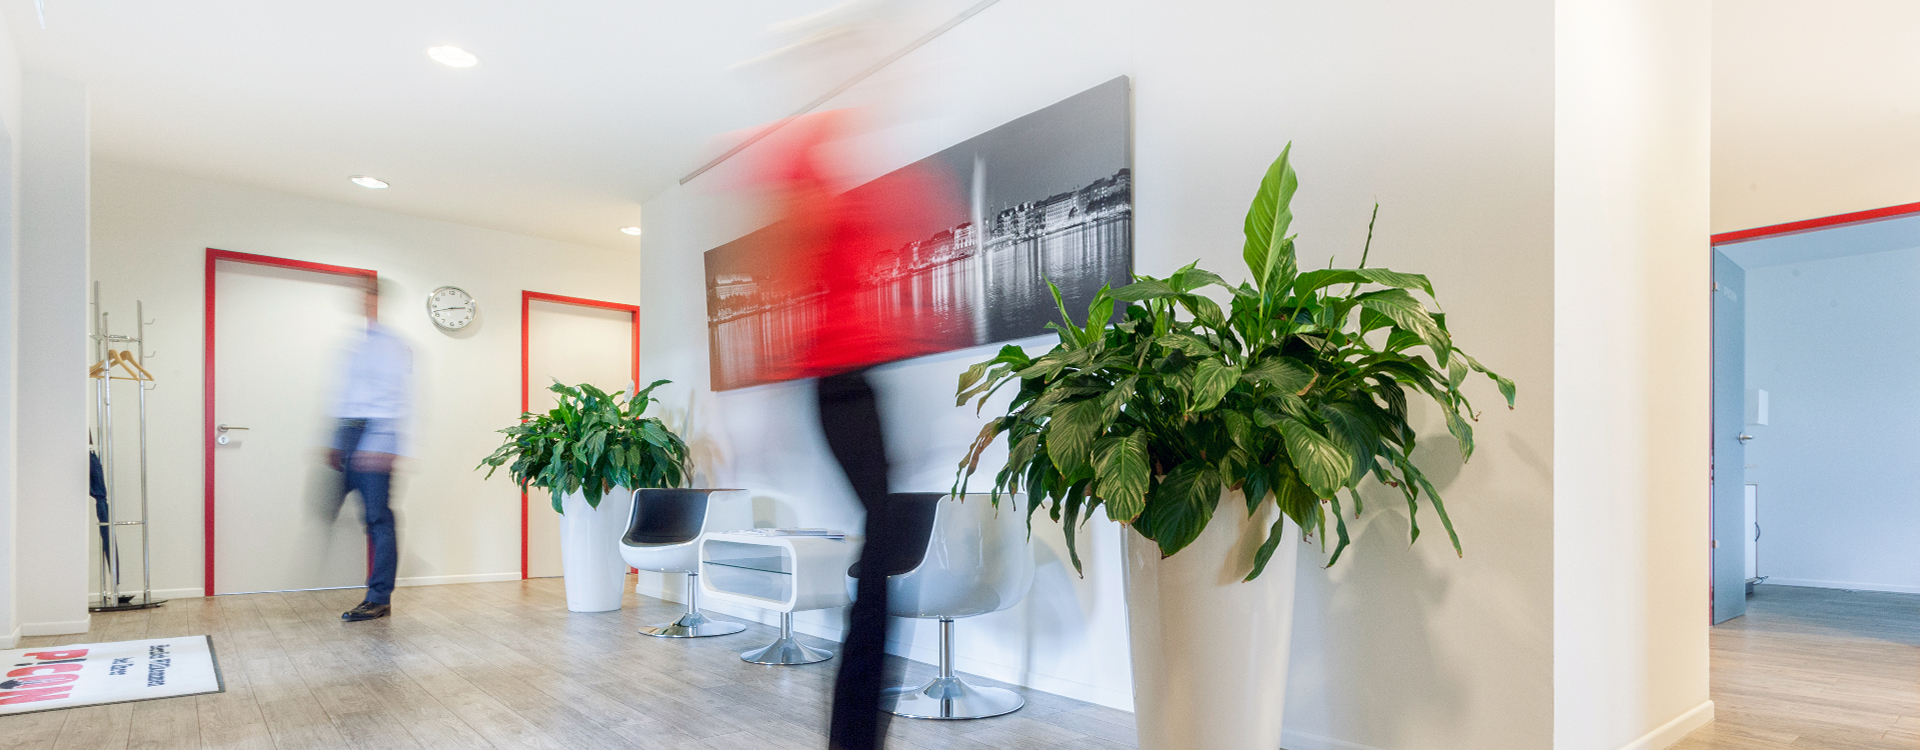 picon gmbh betriebliche altersvorsorge und immobilien als kapitalanlage in hamburg. Black Bedroom Furniture Sets. Home Design Ideas